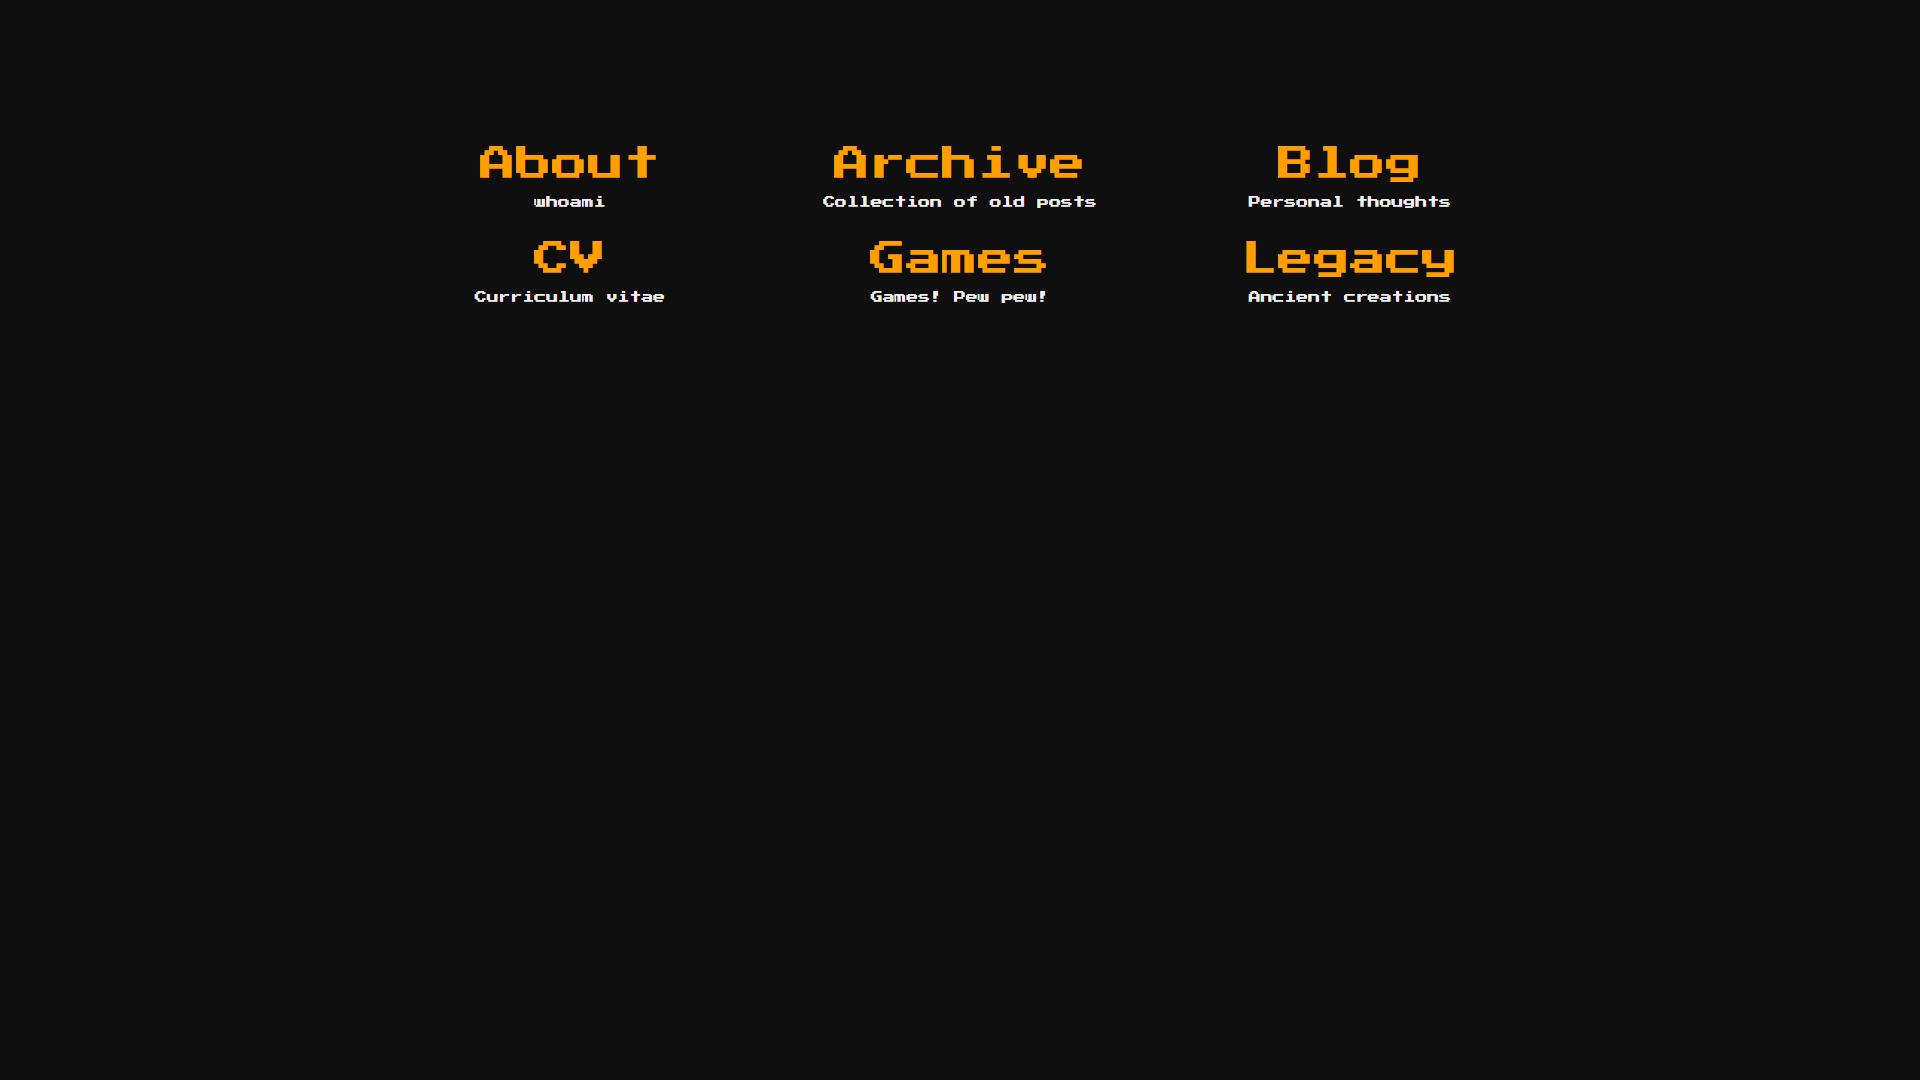 v4/assets/images/screenshot.png